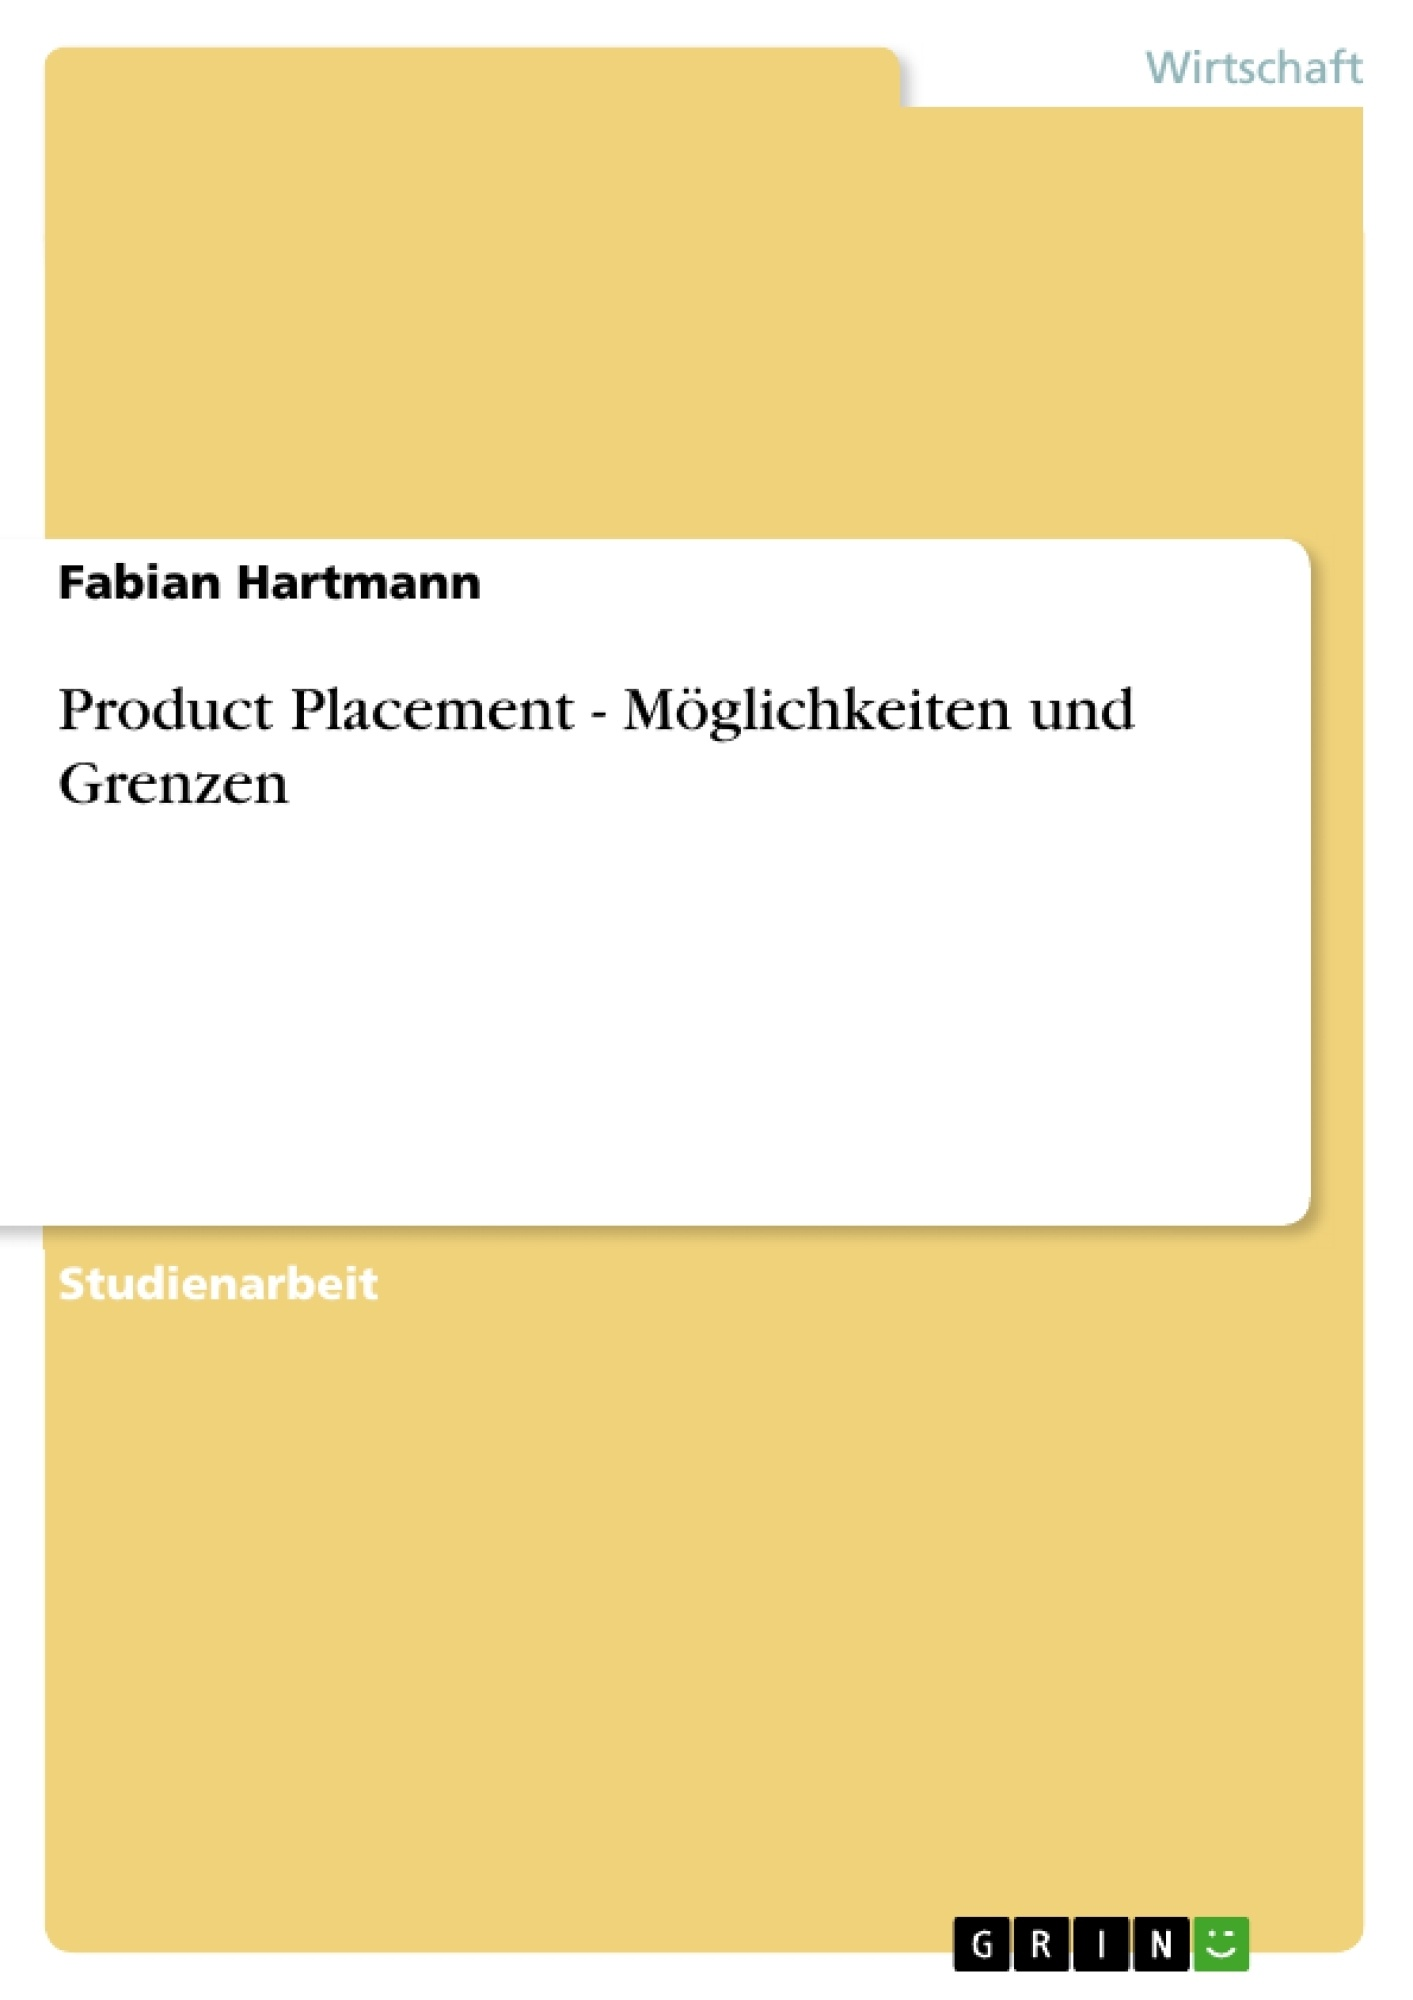 Titel: Product Placement - Möglichkeiten und Grenzen